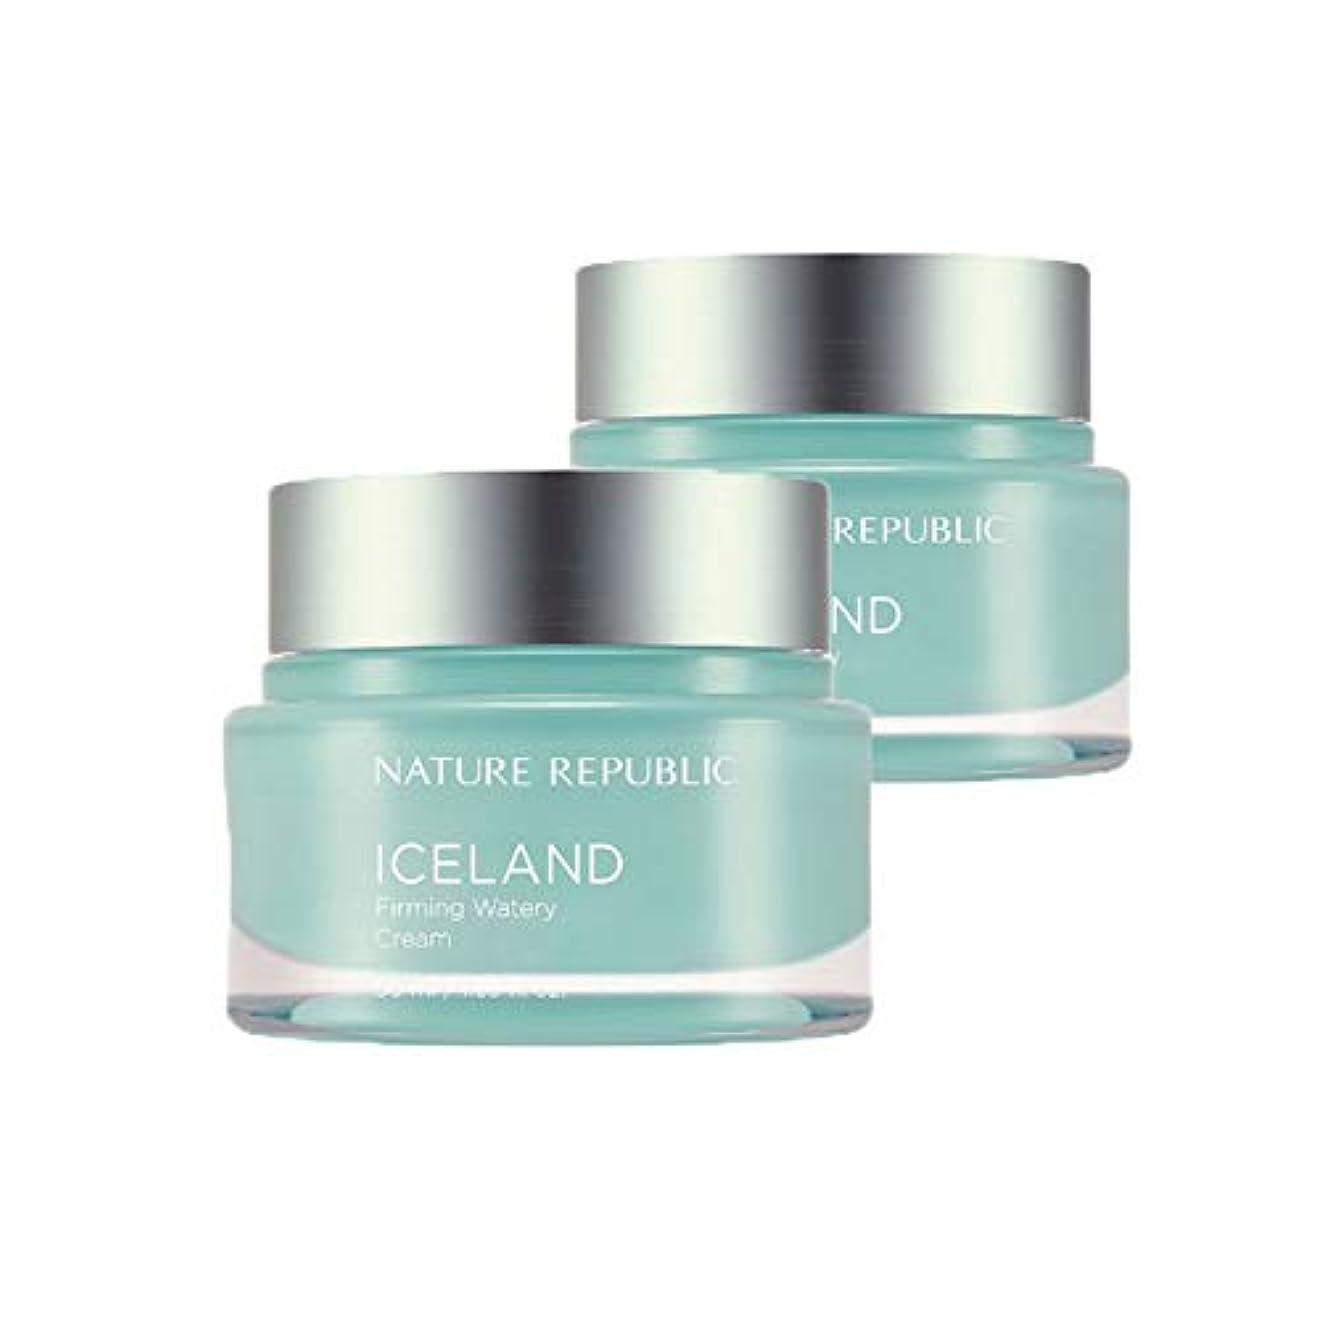 大きなスケールで見るとリス心配ネイチャーリパブリックアイスランドファーミング水分クリーム50mlx2本セット韓国コスメ、Nature Republic Iceland Firming Watery Cream 50ml x 2ea Set Korean...